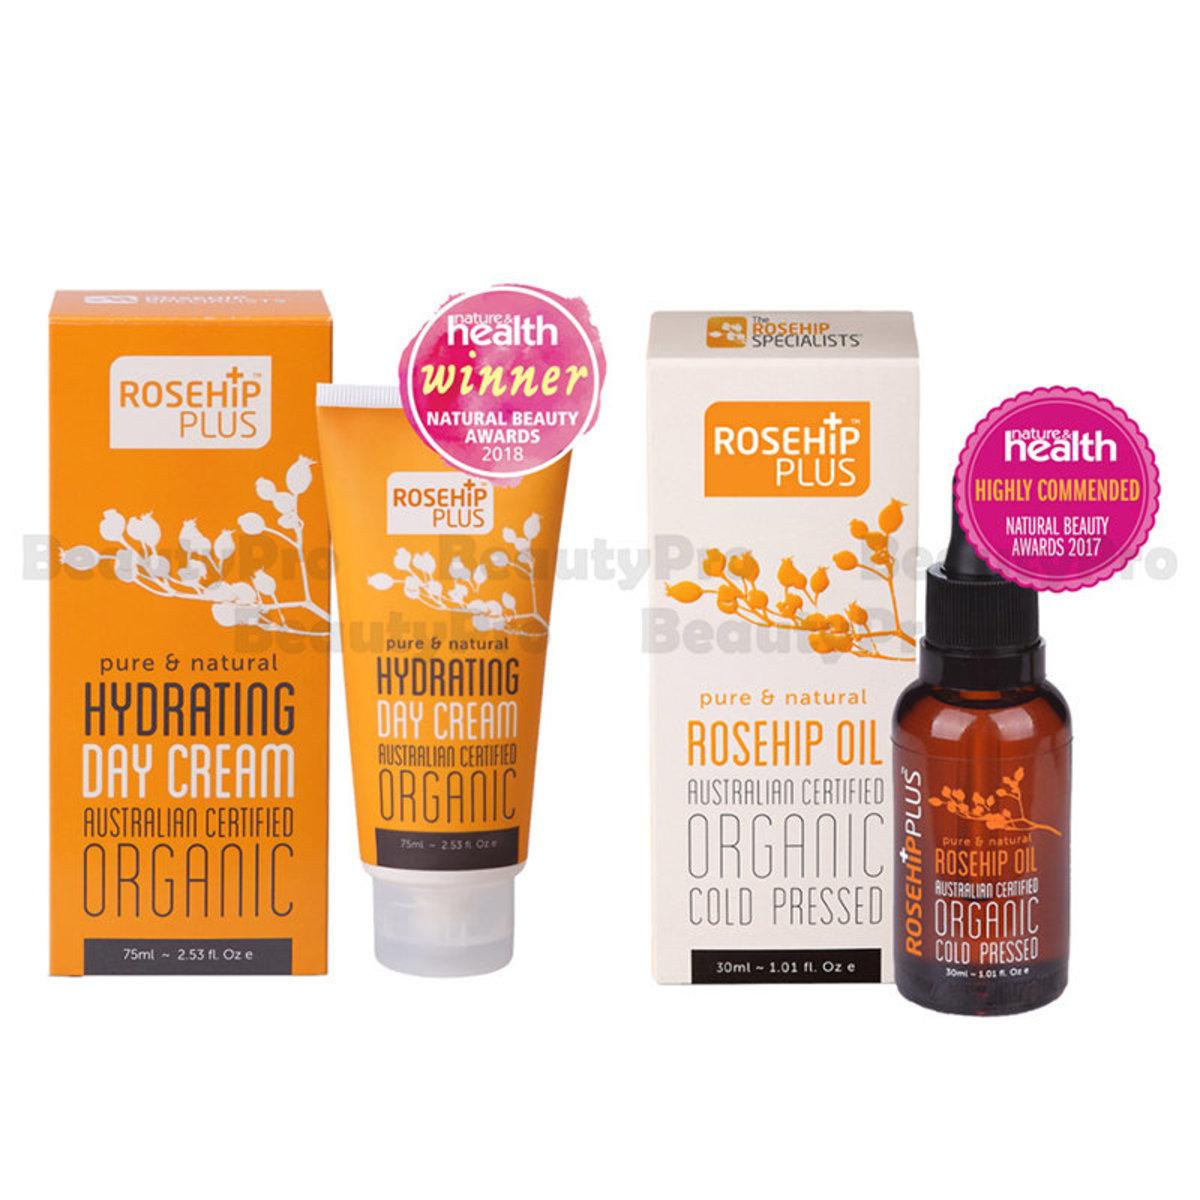 【Dealer Goods】RosehipPLUS Australian Certified Organic Rosehip Oil 30ml + day cream 75ml